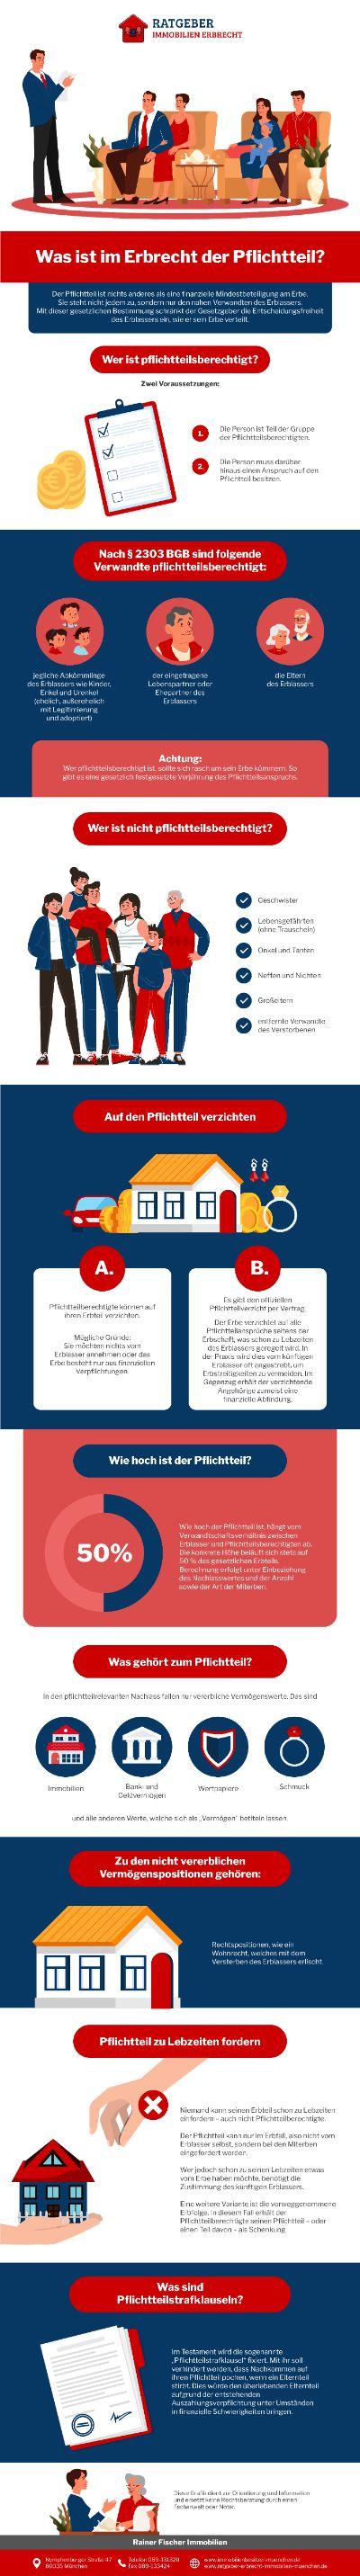 Ratgeber Erbrecht Infografik - Eine Besonderheit Im Deutschen Erbrecht - Der Pflichtteil. Was Ist Das?